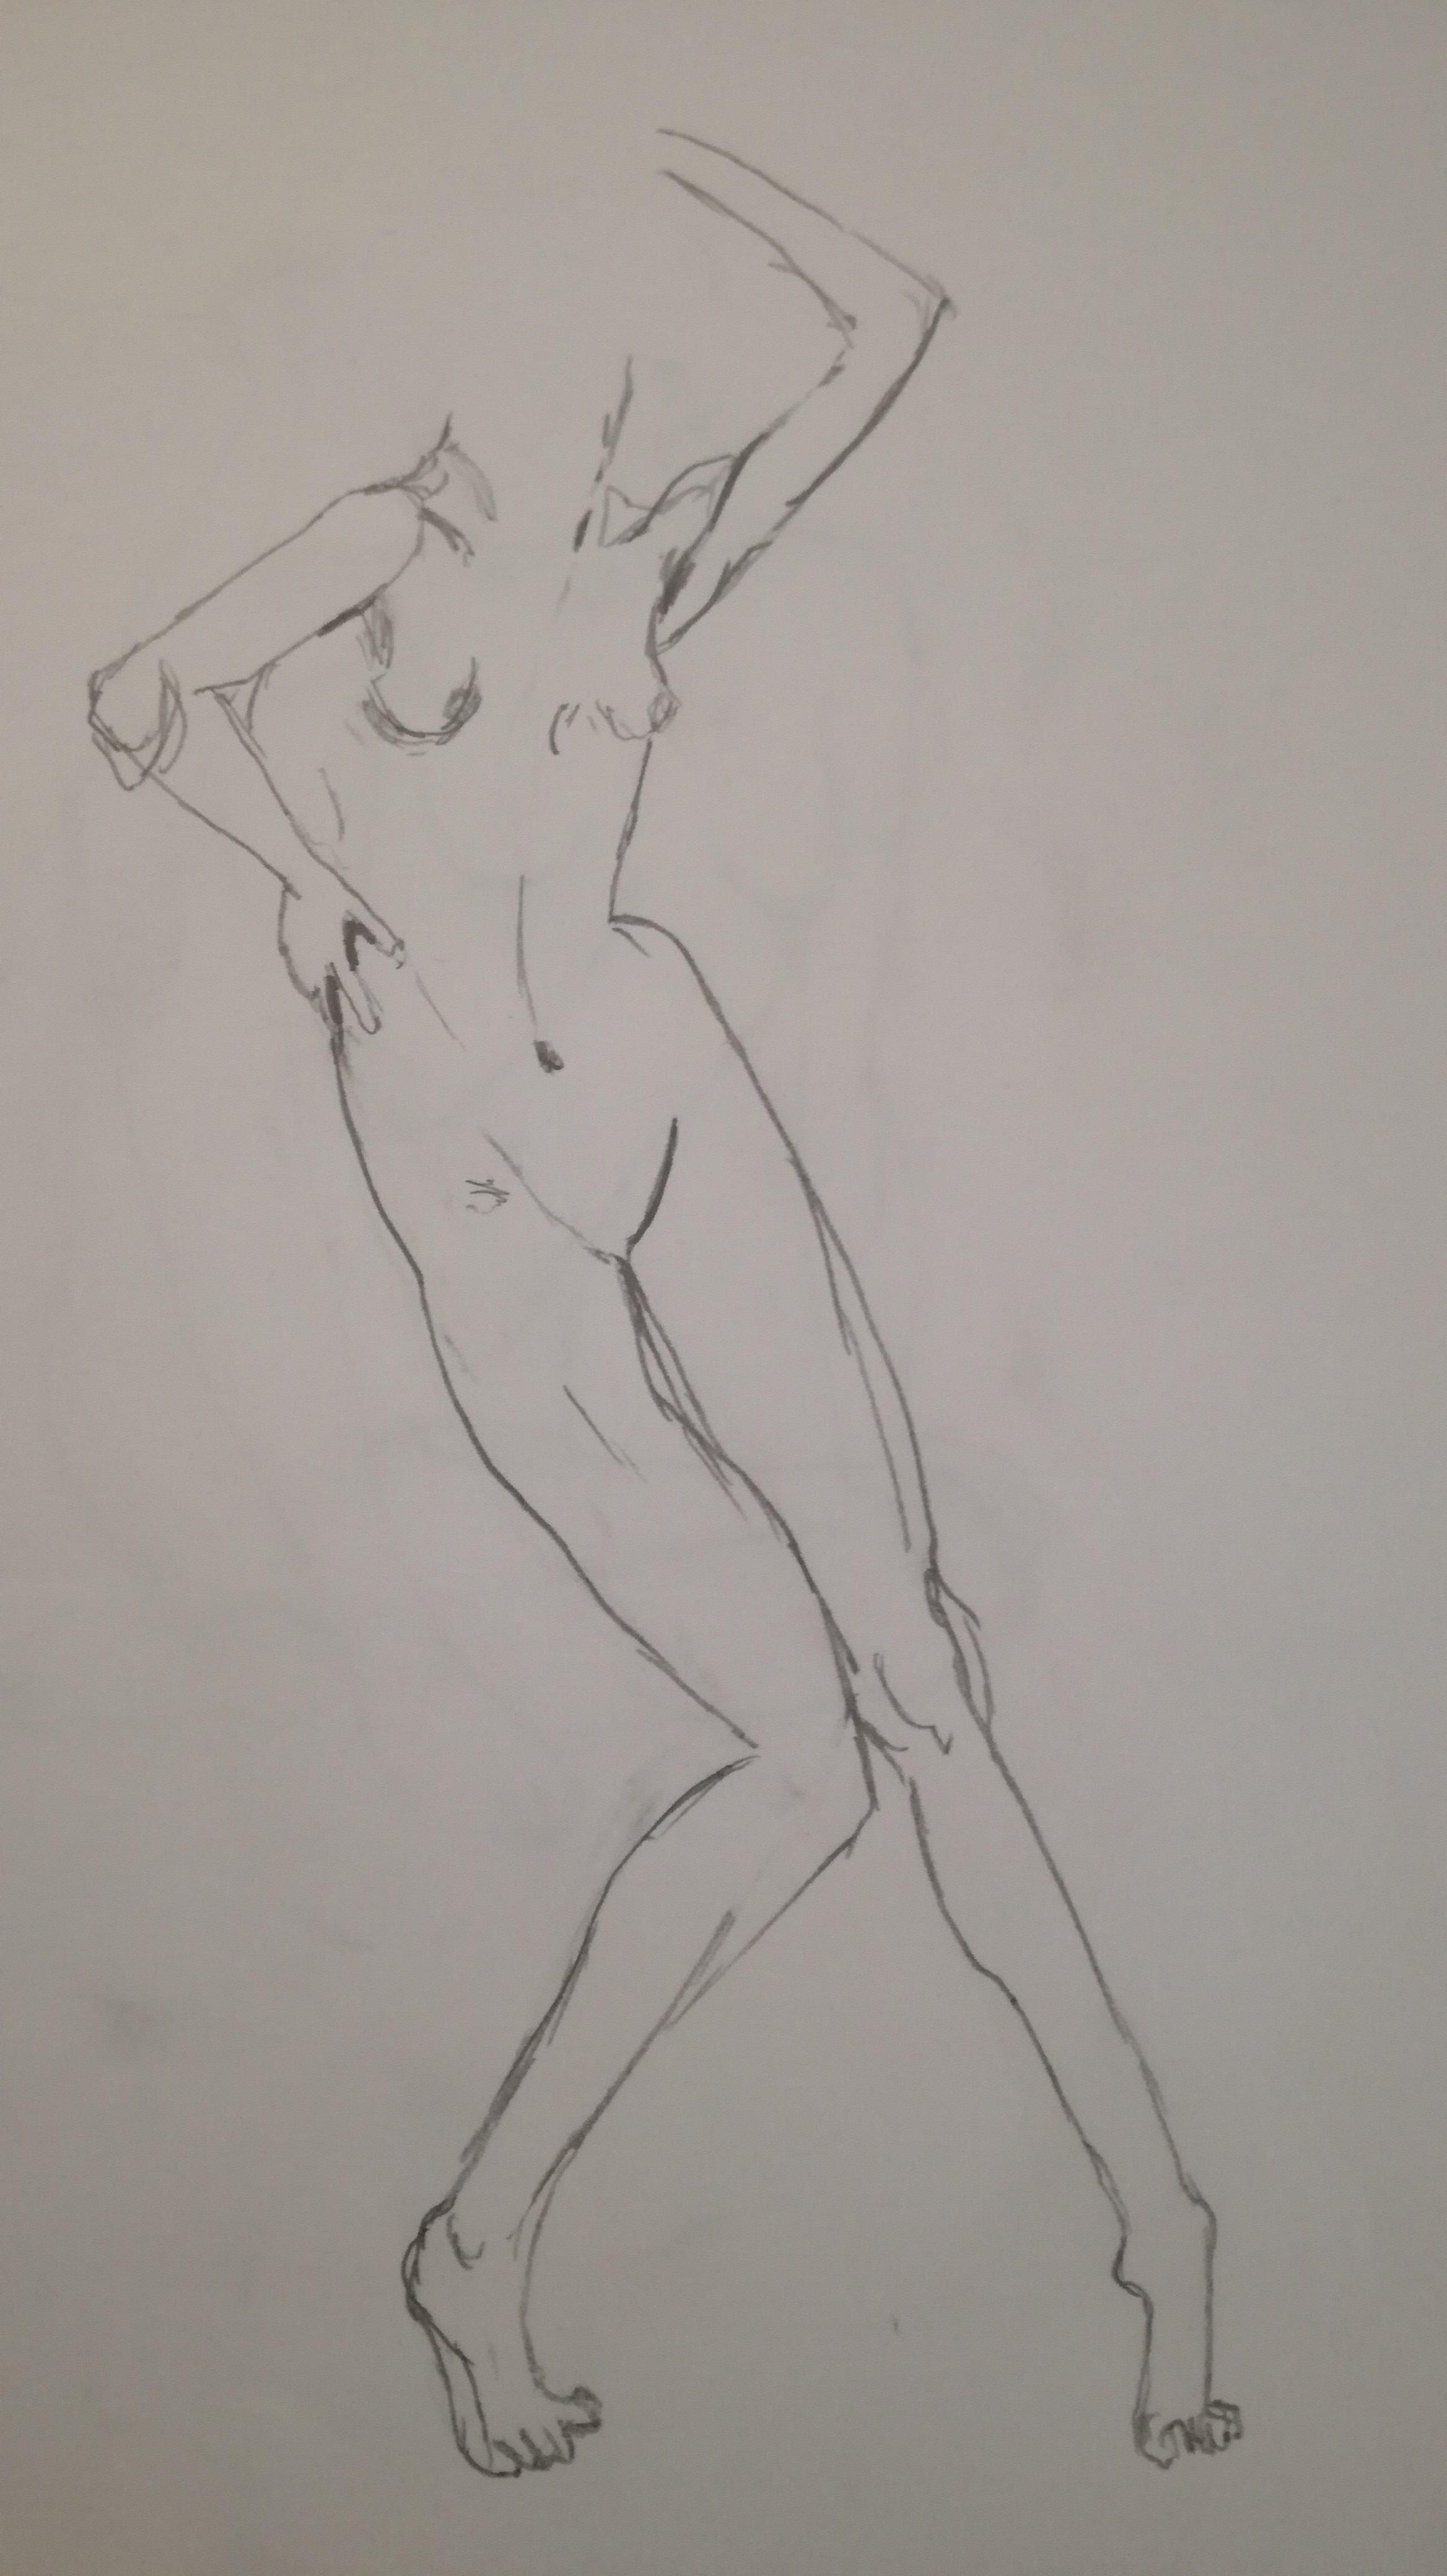 dessin au trait femme croquis  sur papier  cours de dessin